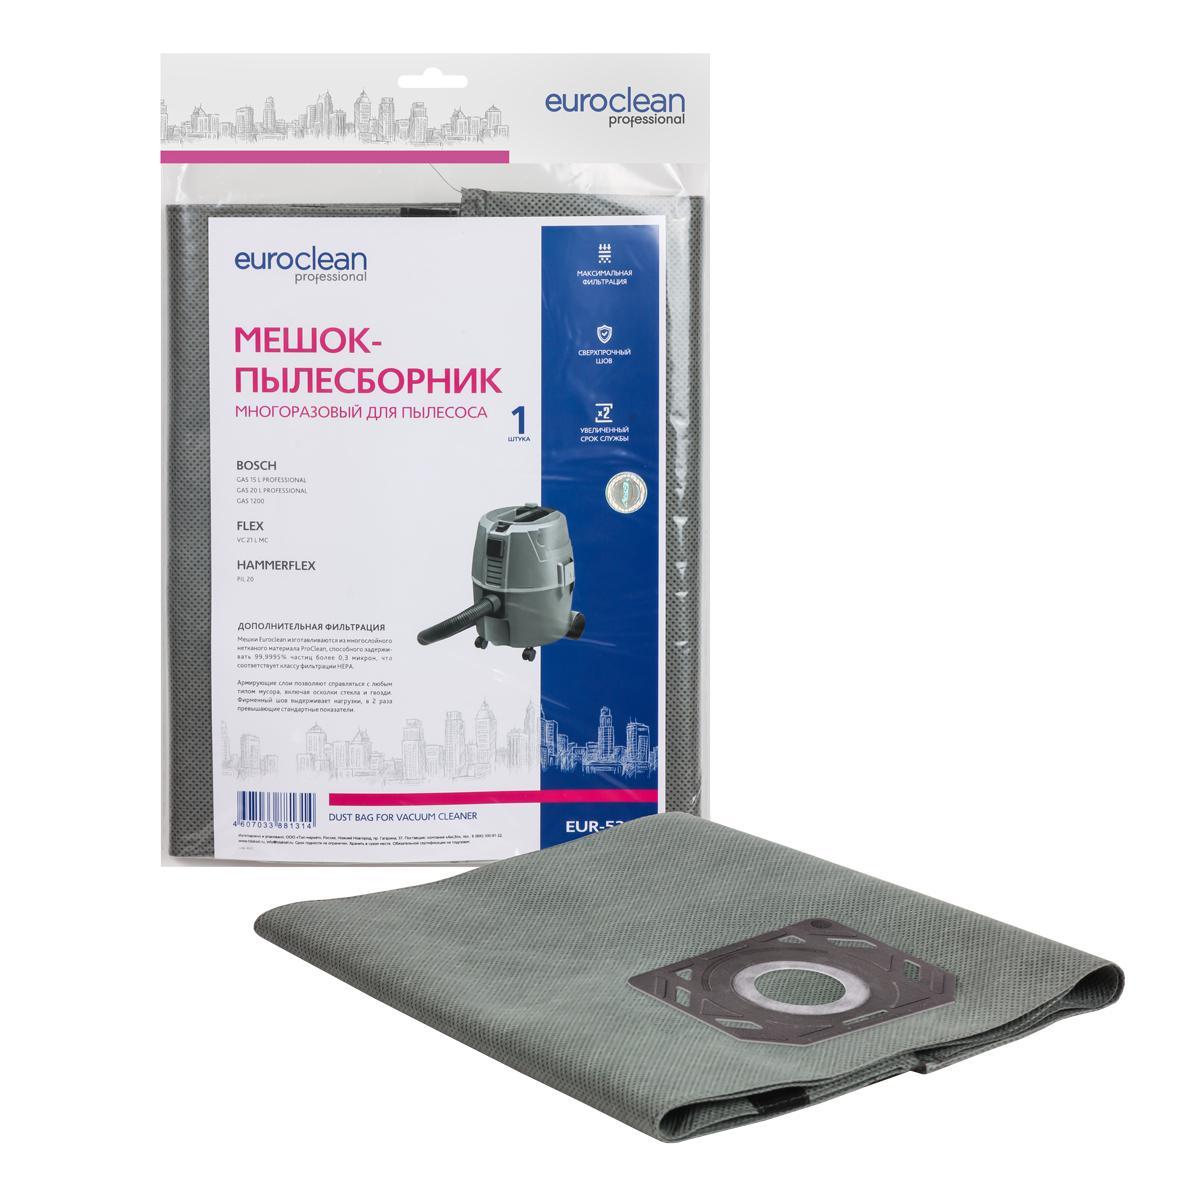 Мешок Euro clean Eur-5201 цена